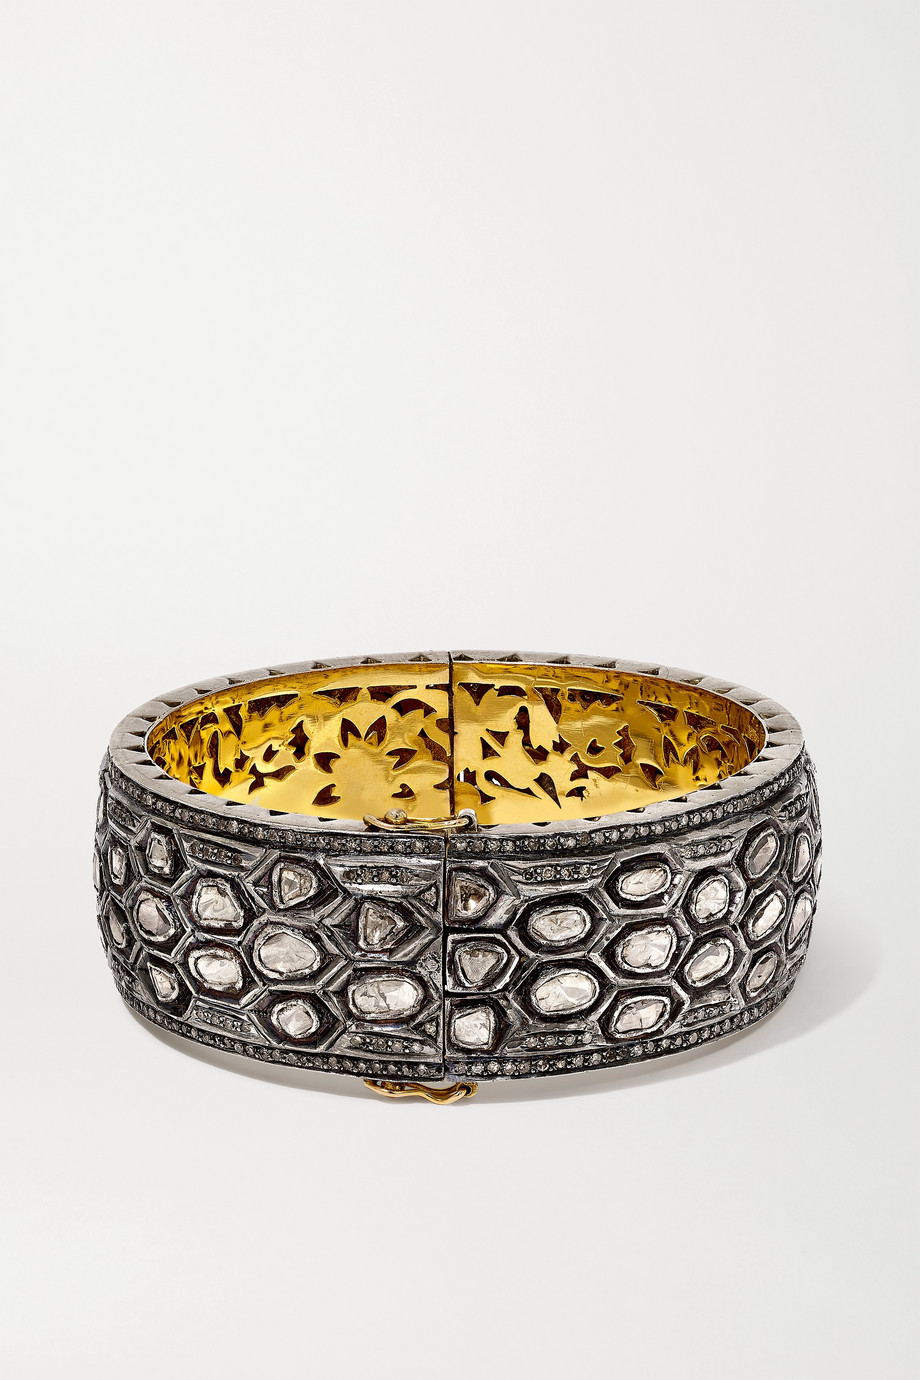 Amrapali Armband aus 18 Karat Gold mit Sterlingsilberauflage und Diamanten